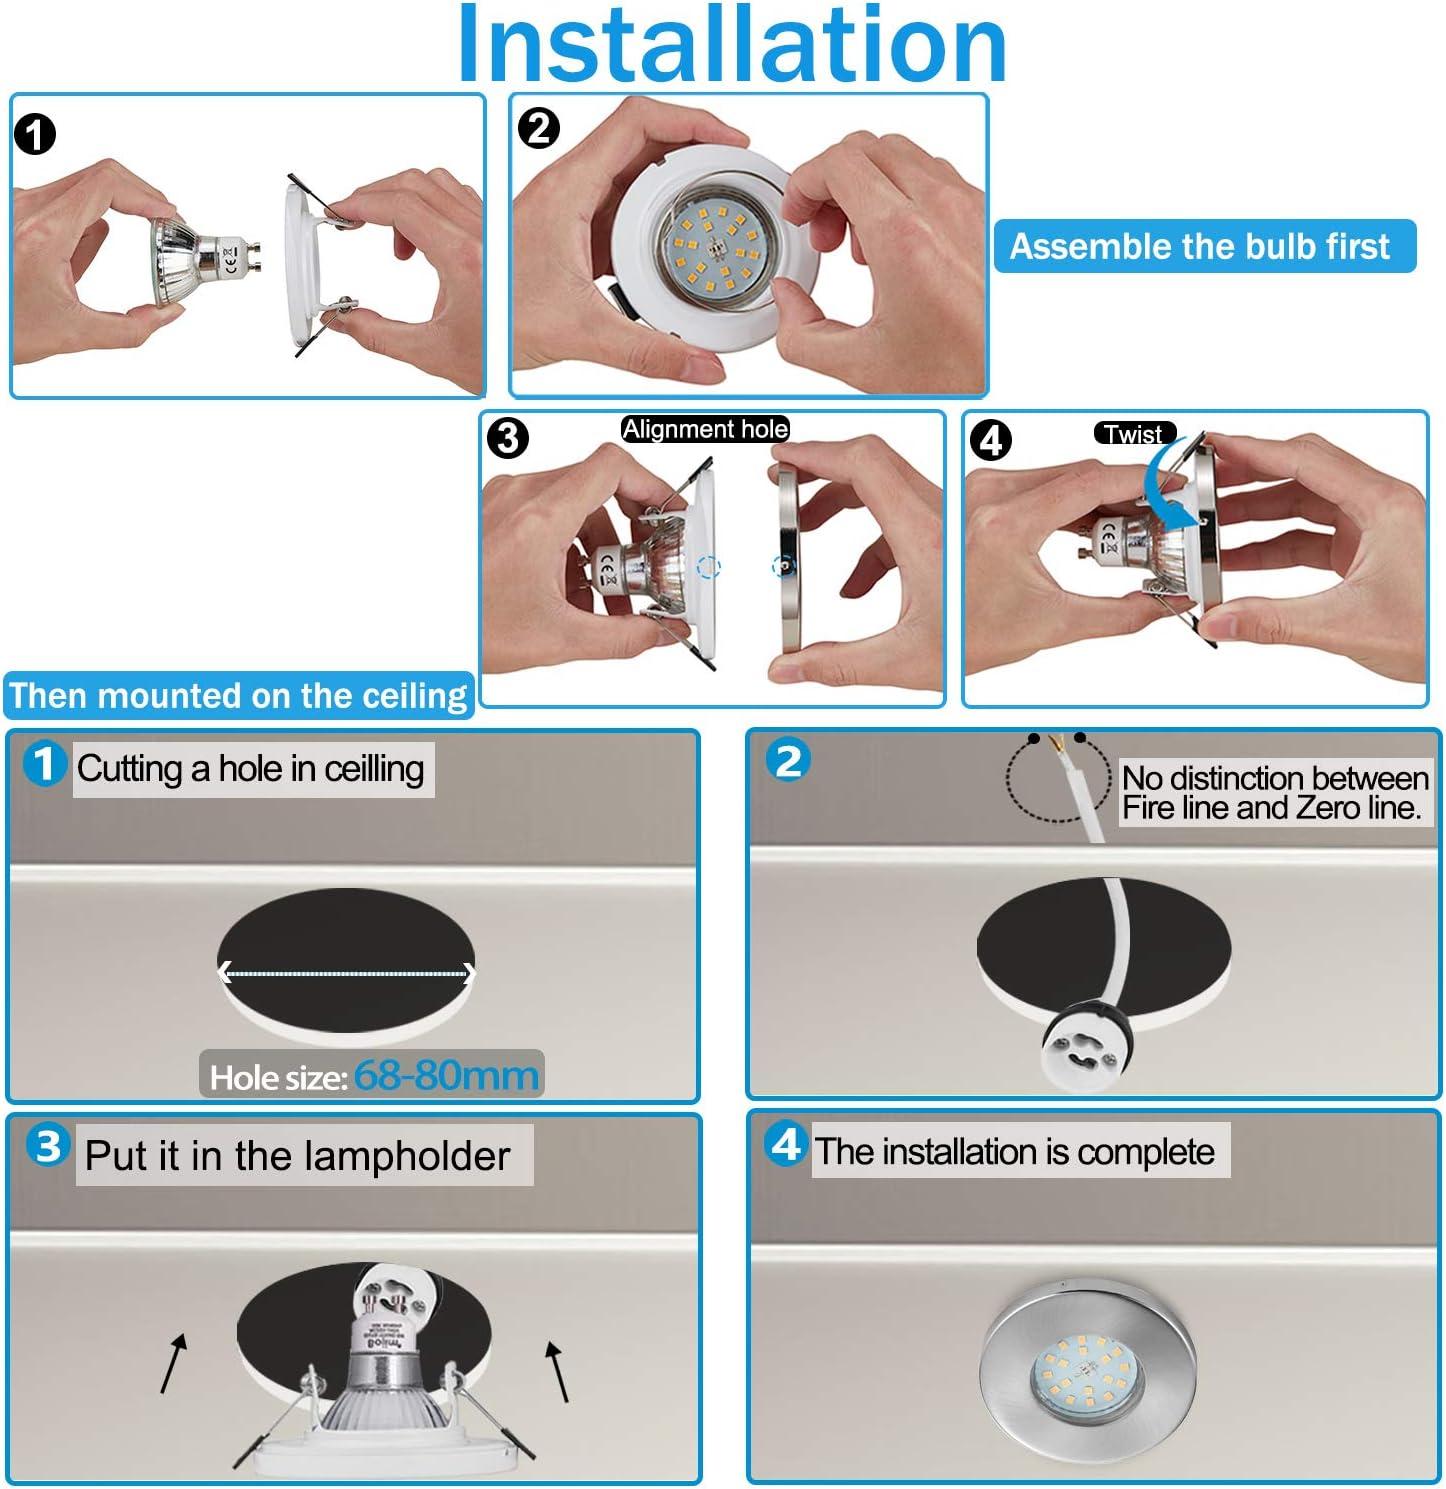 Bojim Spot LED Encastrable pour Salle de Bain IP44 Plafonnier Encastr/é 120/° d/'/Éclairage 220V pour Salon Chambre Cuisine Couloir Bureau 6 X 6W Ampoule GU10 Blanc du Jour 4500K 600LM Eqv.54W Halog/ène